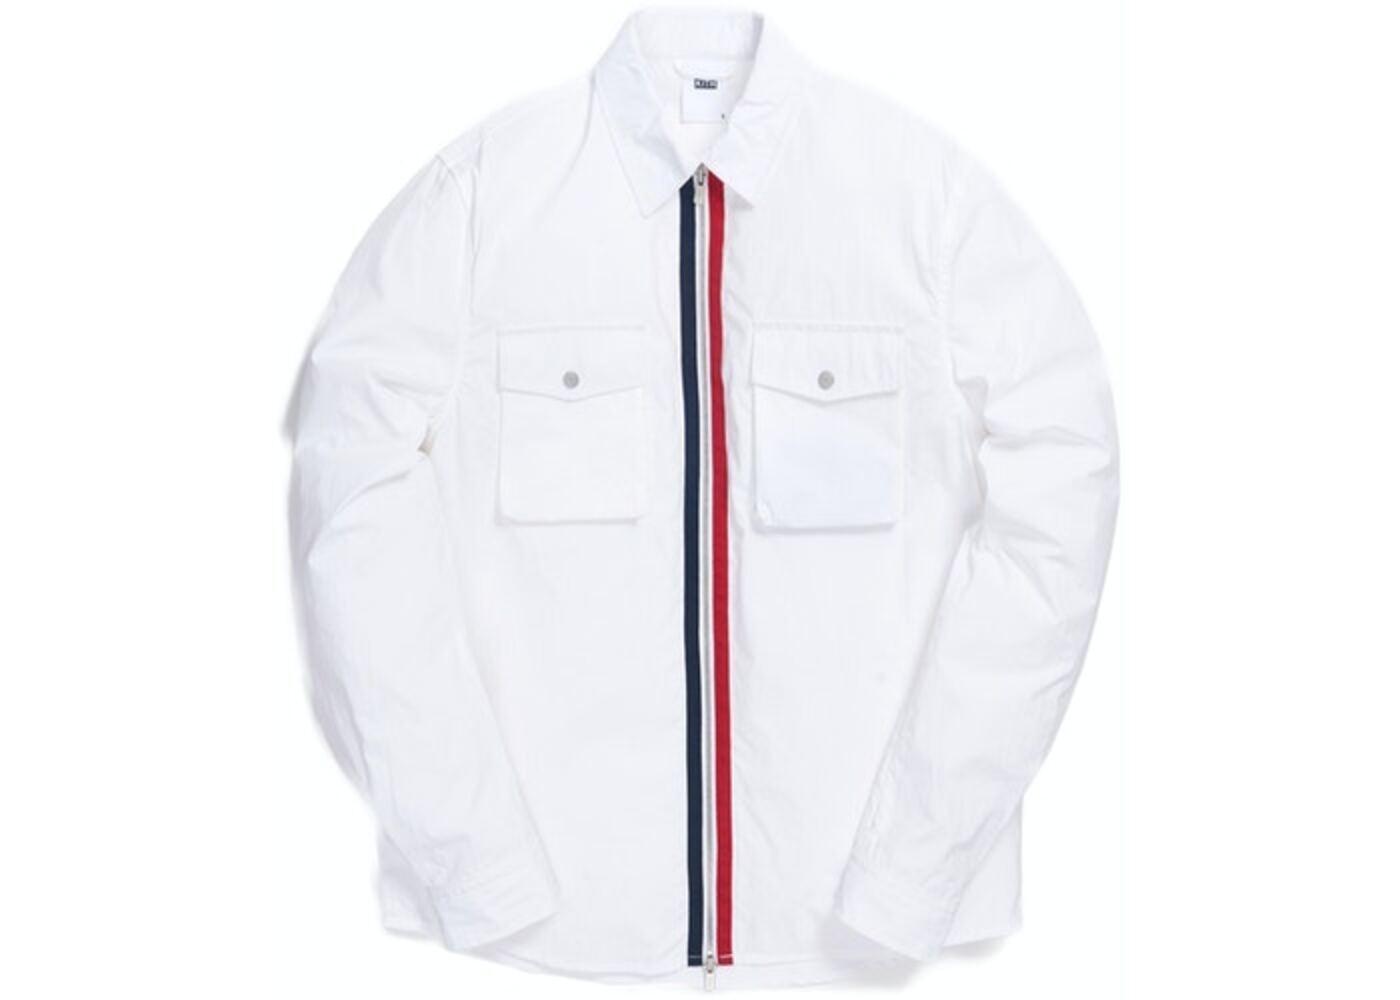 Kith Military Crispy Nylon Work Shirt White の写真